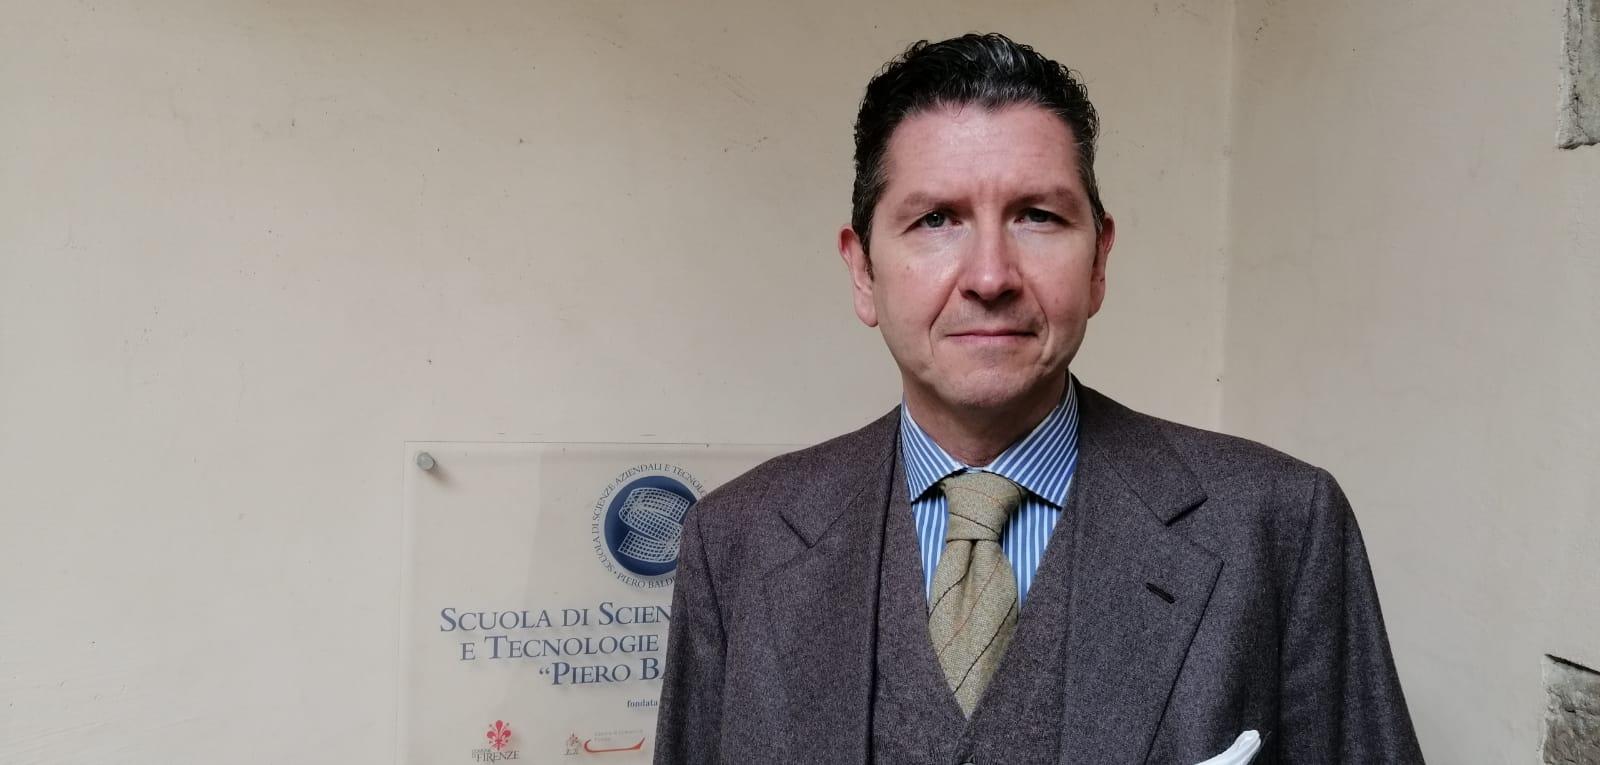 Gianluca Zaccaria